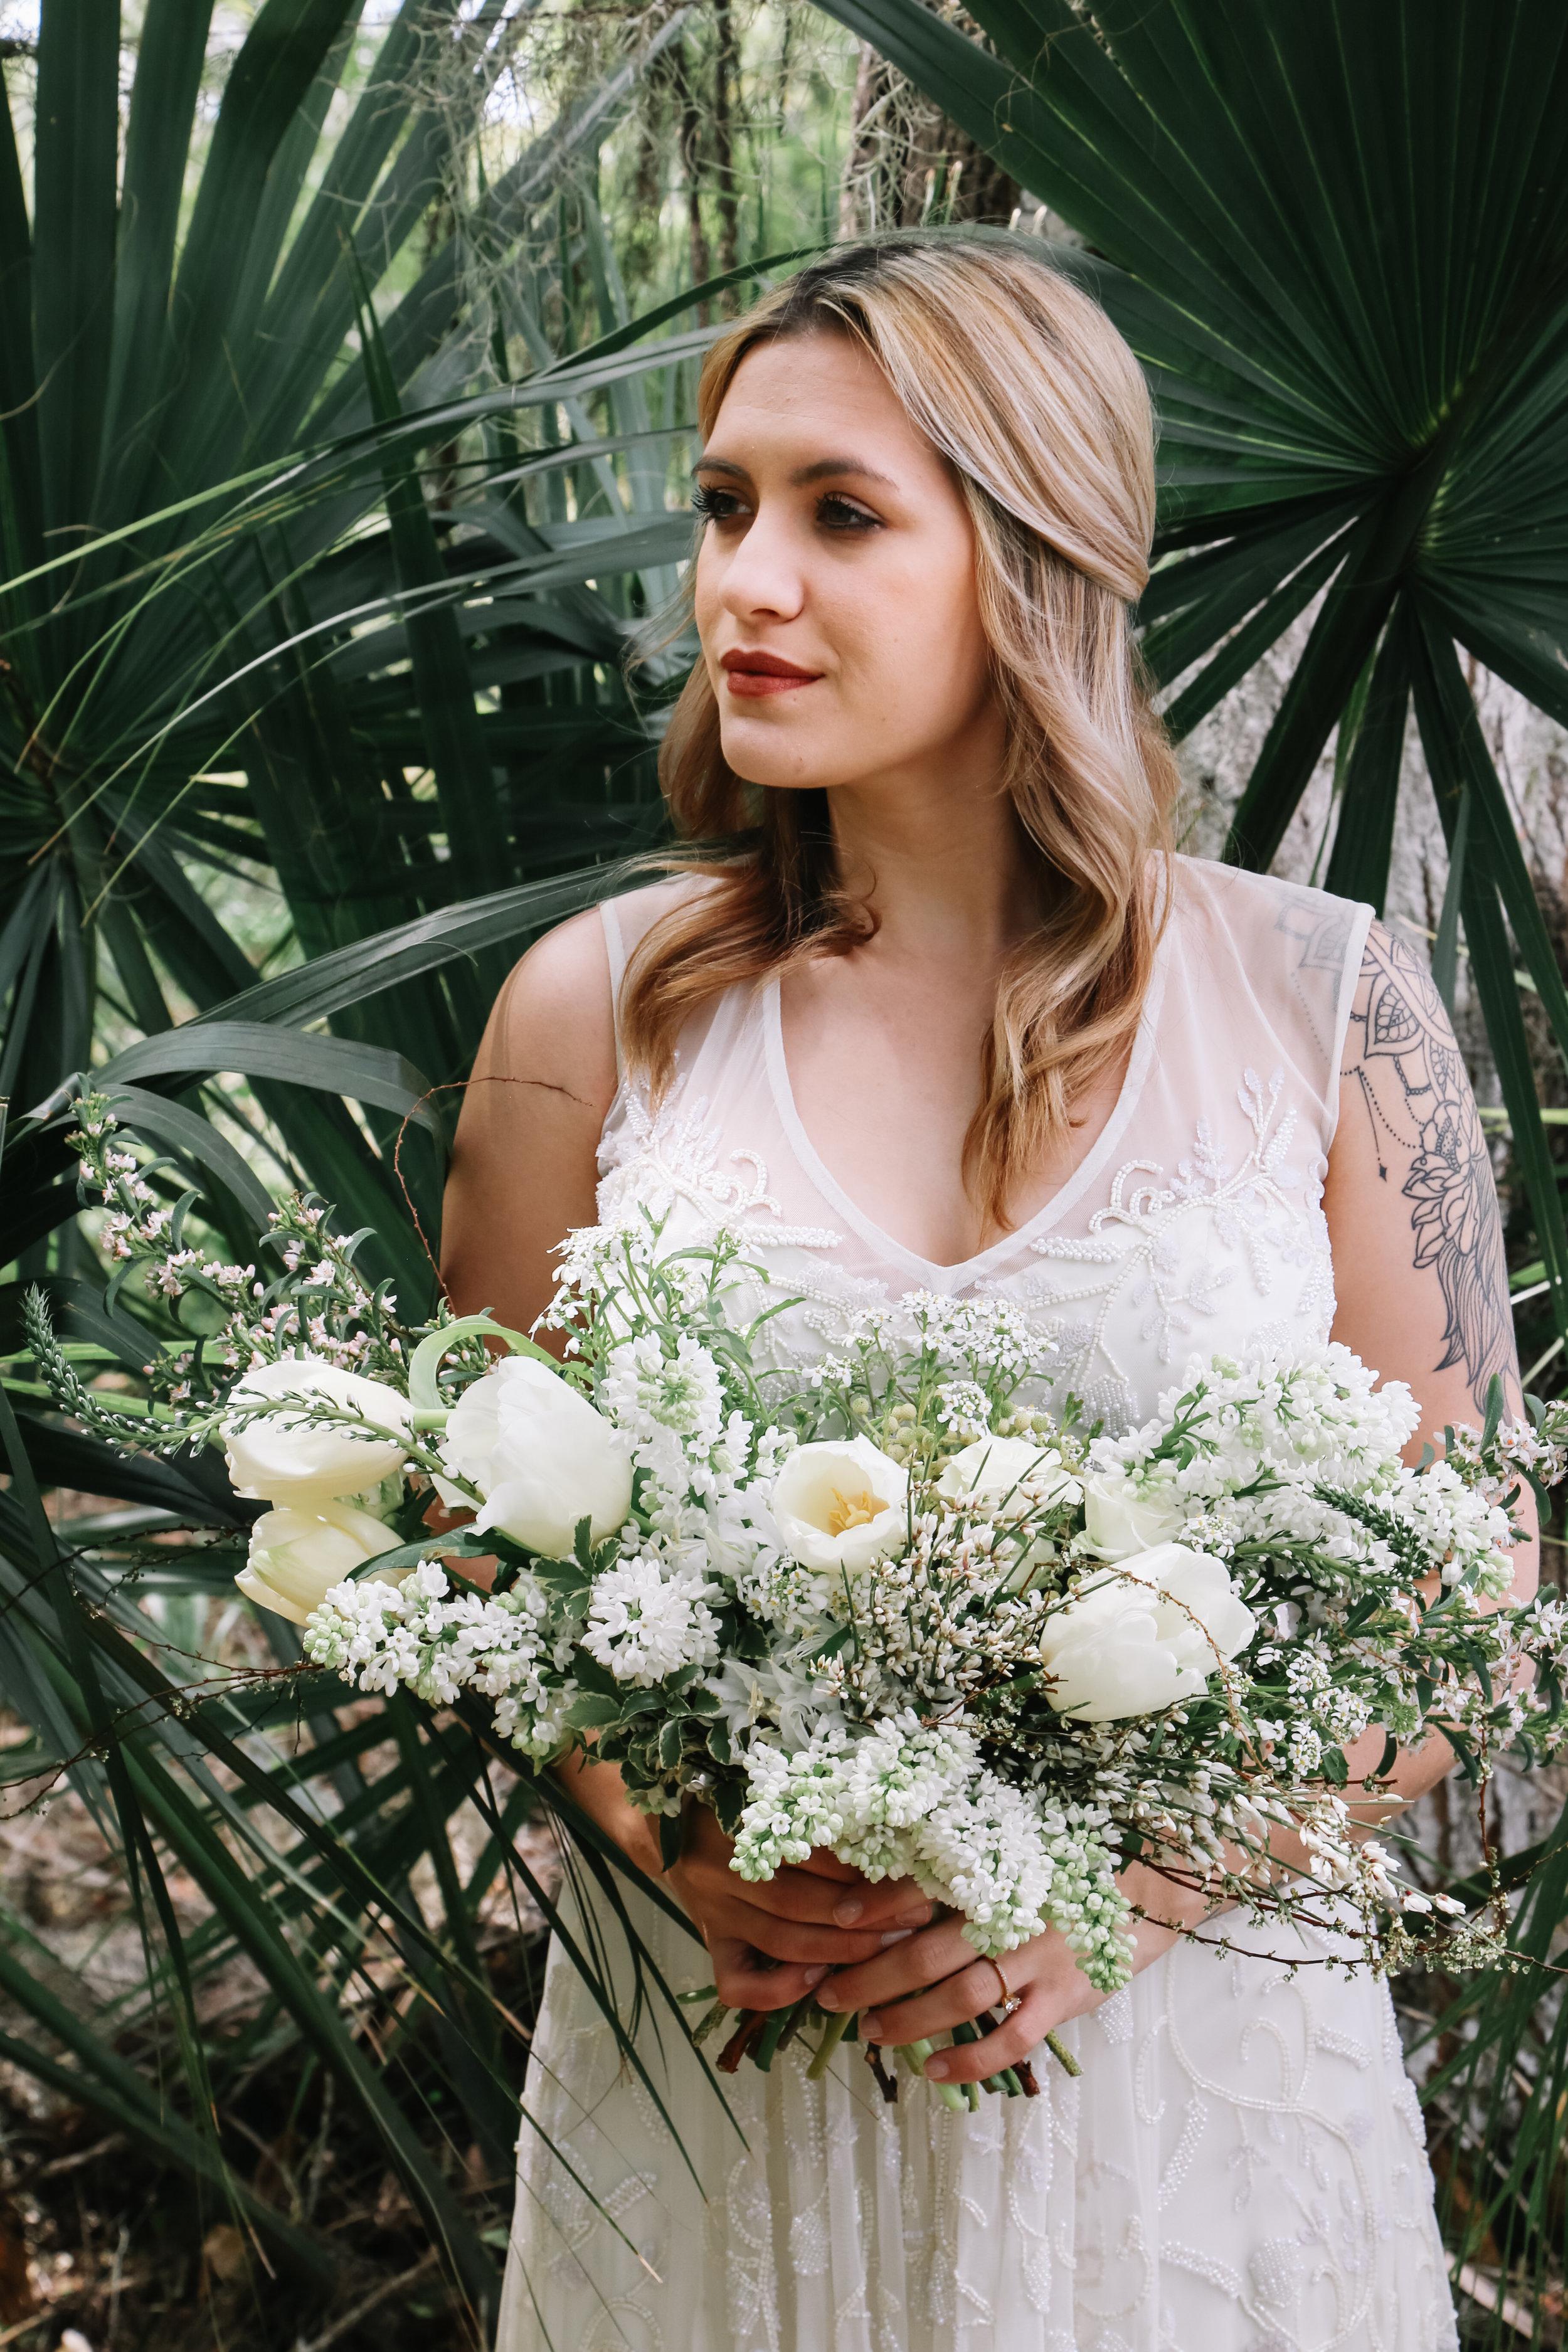 palm-beach-bridal-bouquet